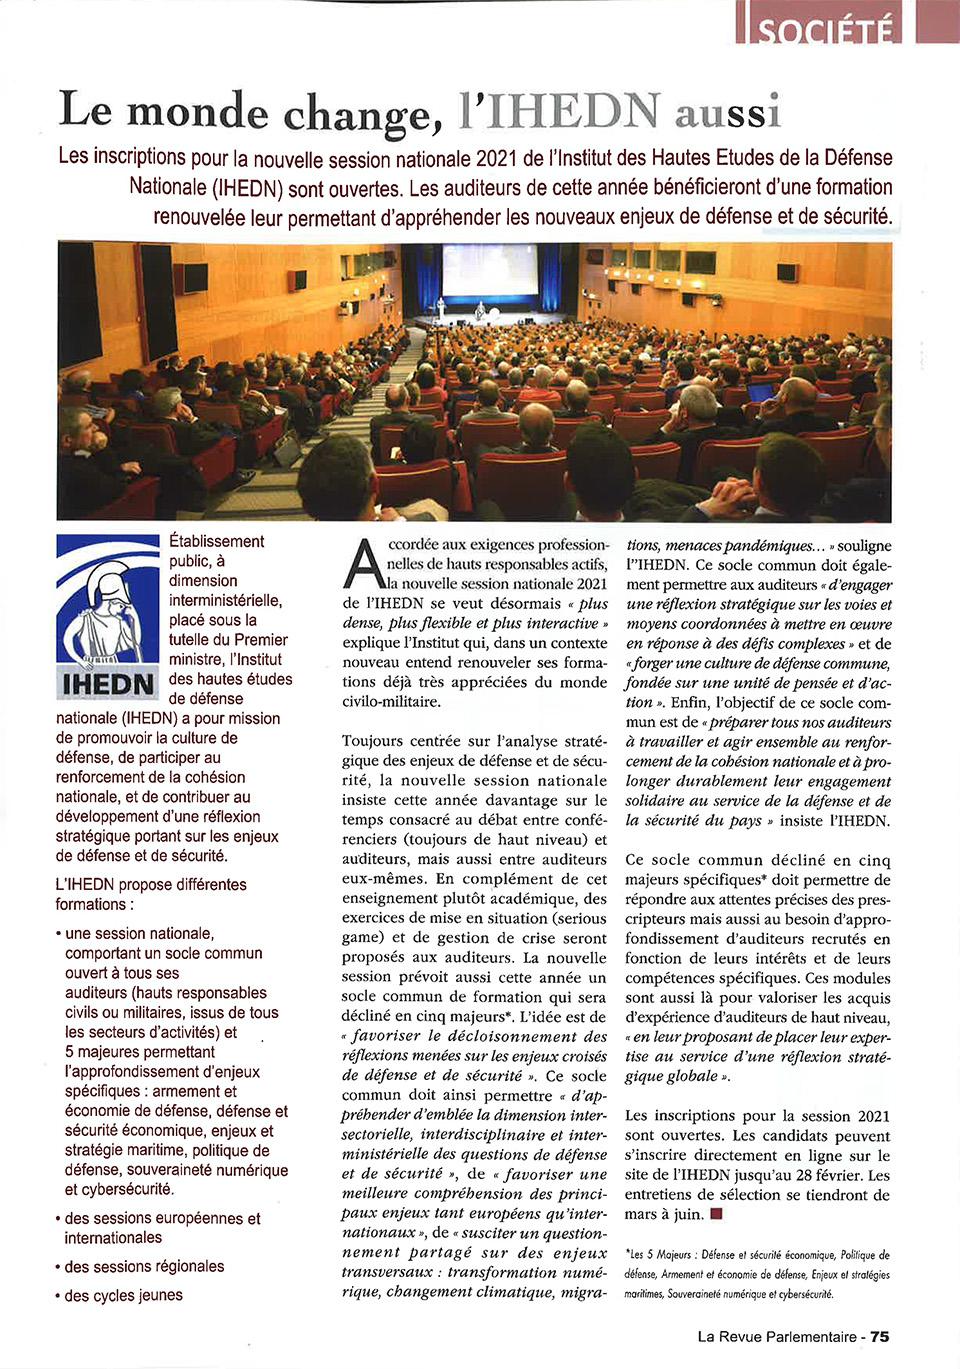 IHEDN | La revue parlementaire - fevreier 2021